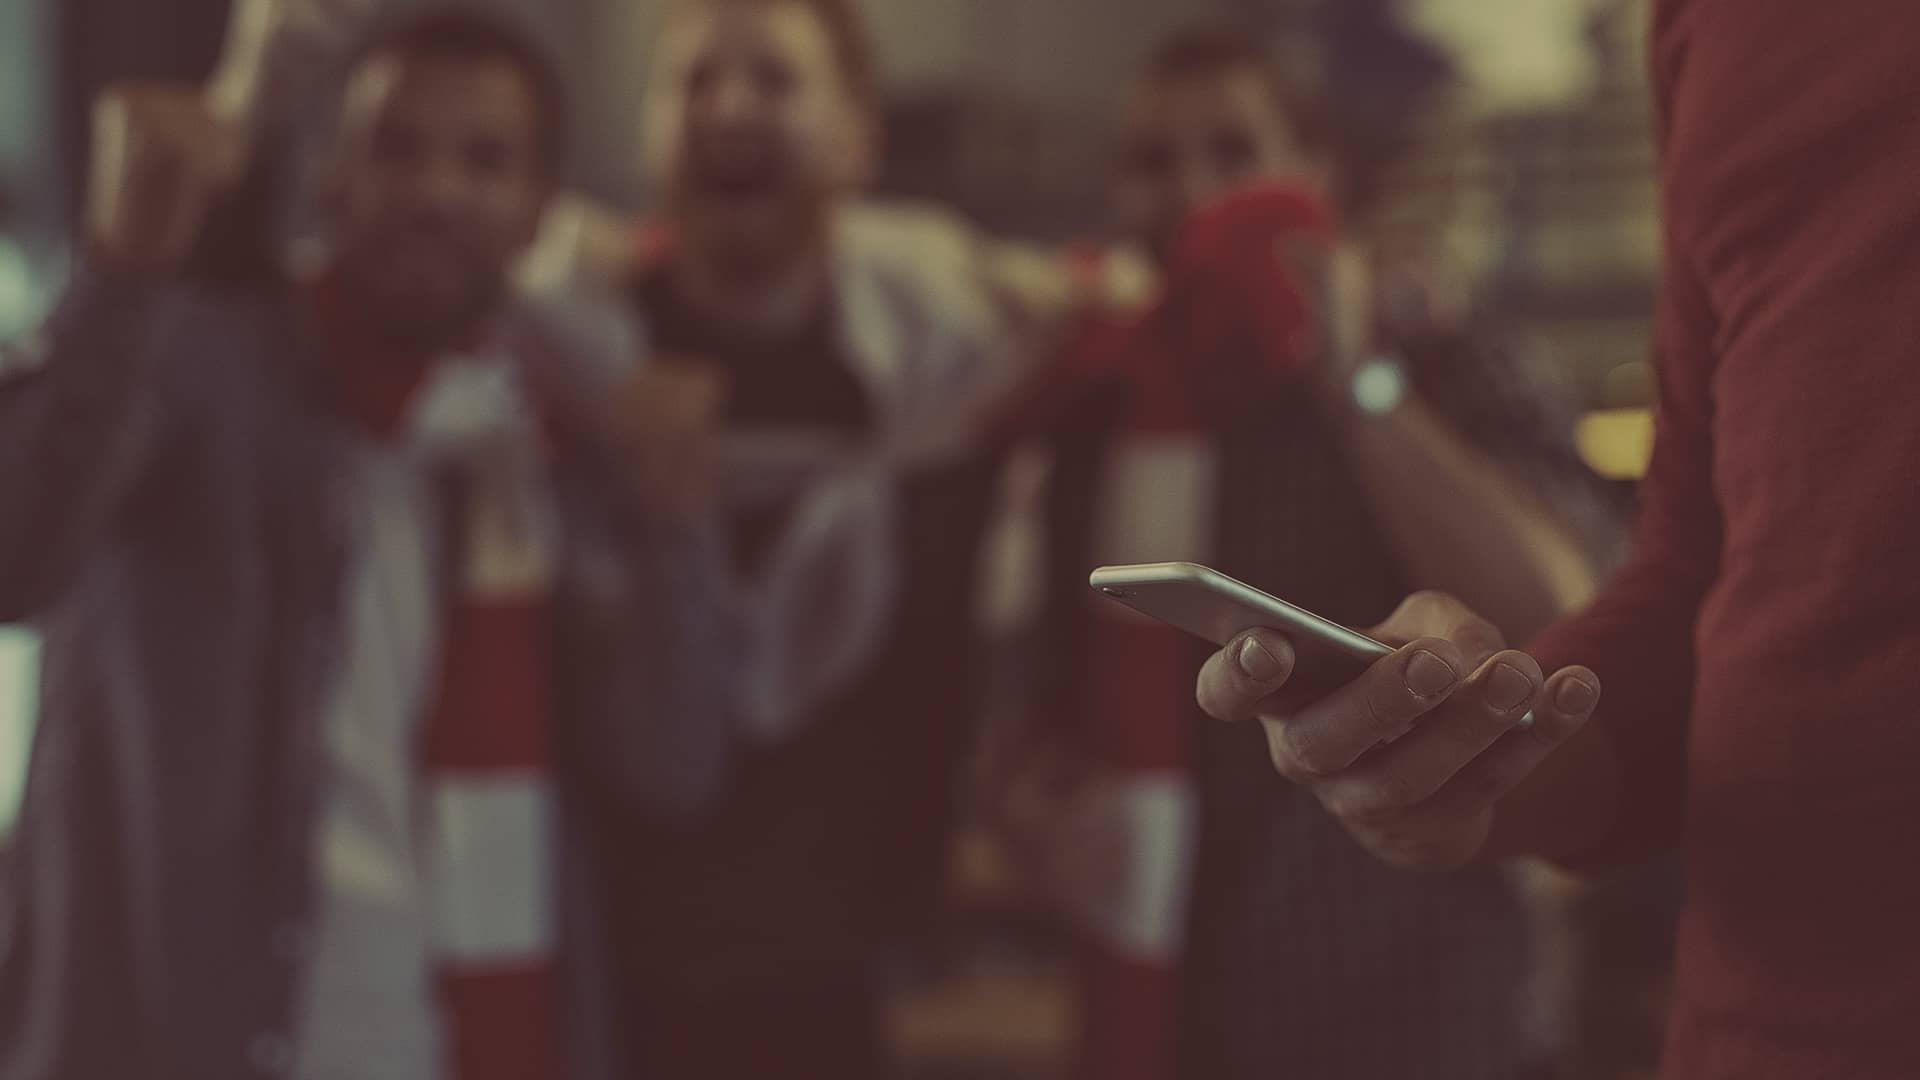 La Asociación Europea de Juegos y Apuestas (EGBA) publica el primer código de conducta paneuropeo en materia de responsabilidad en la publicidad del juego online